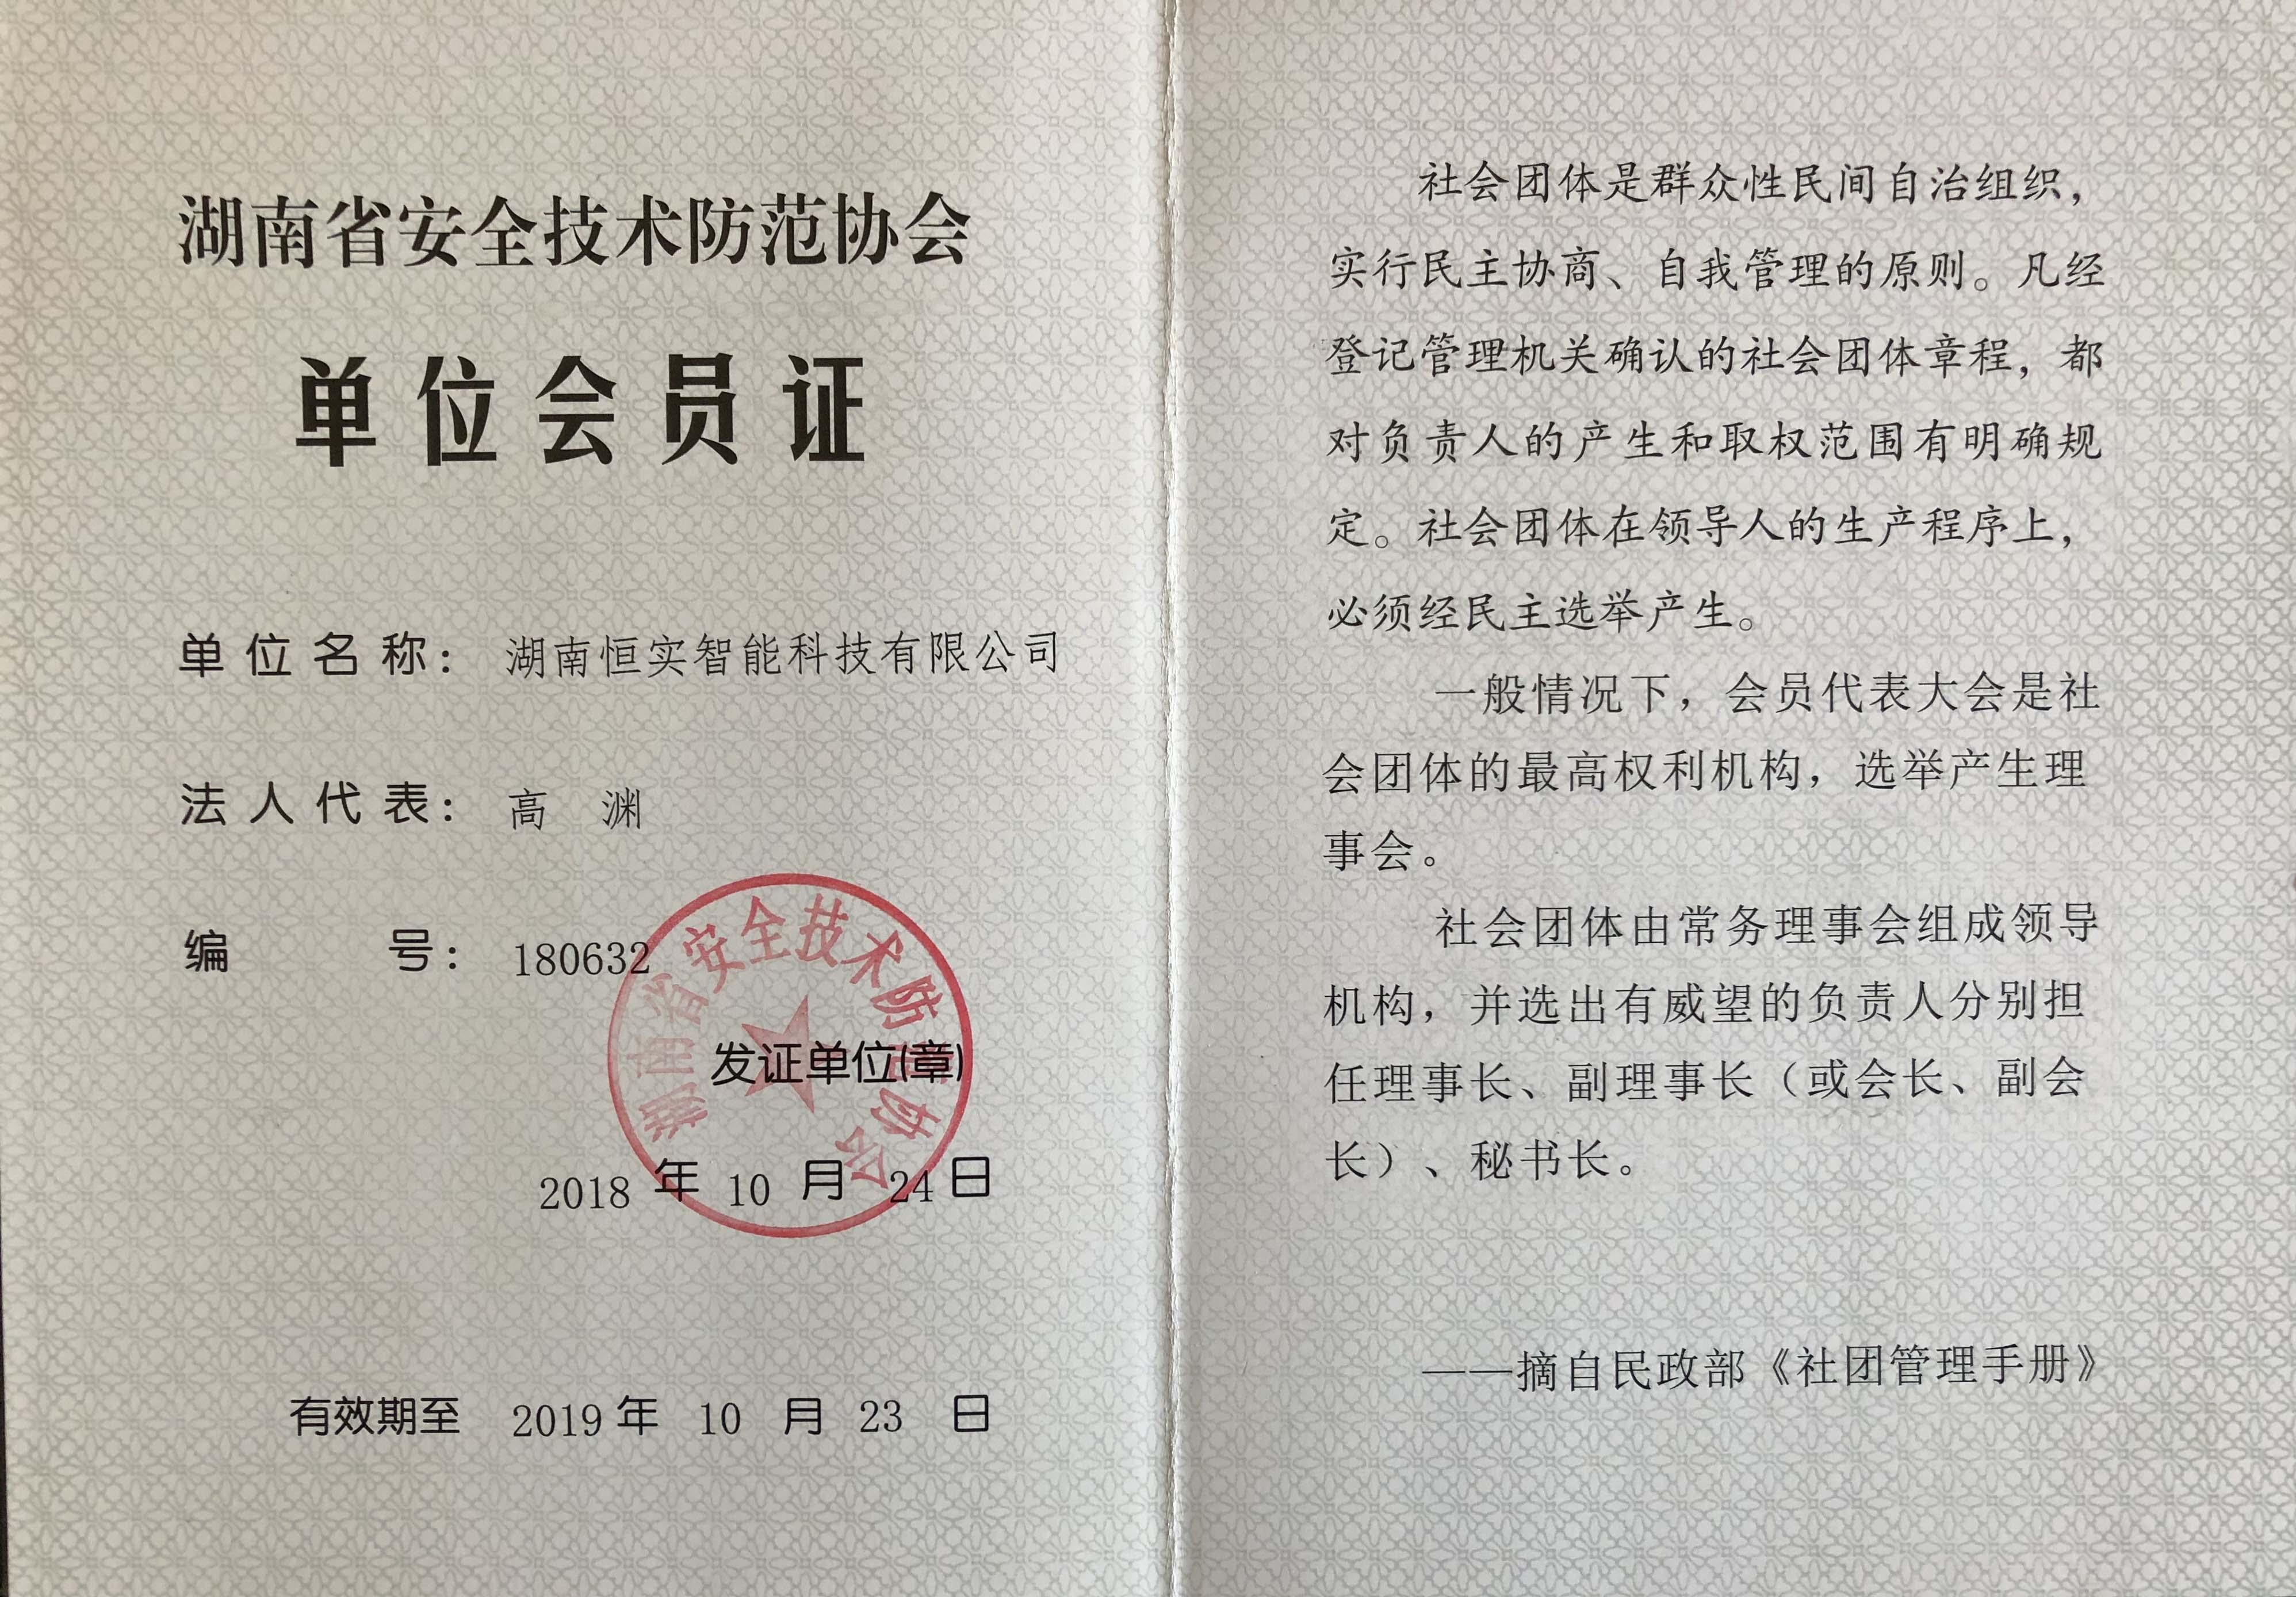 安防协会会员证